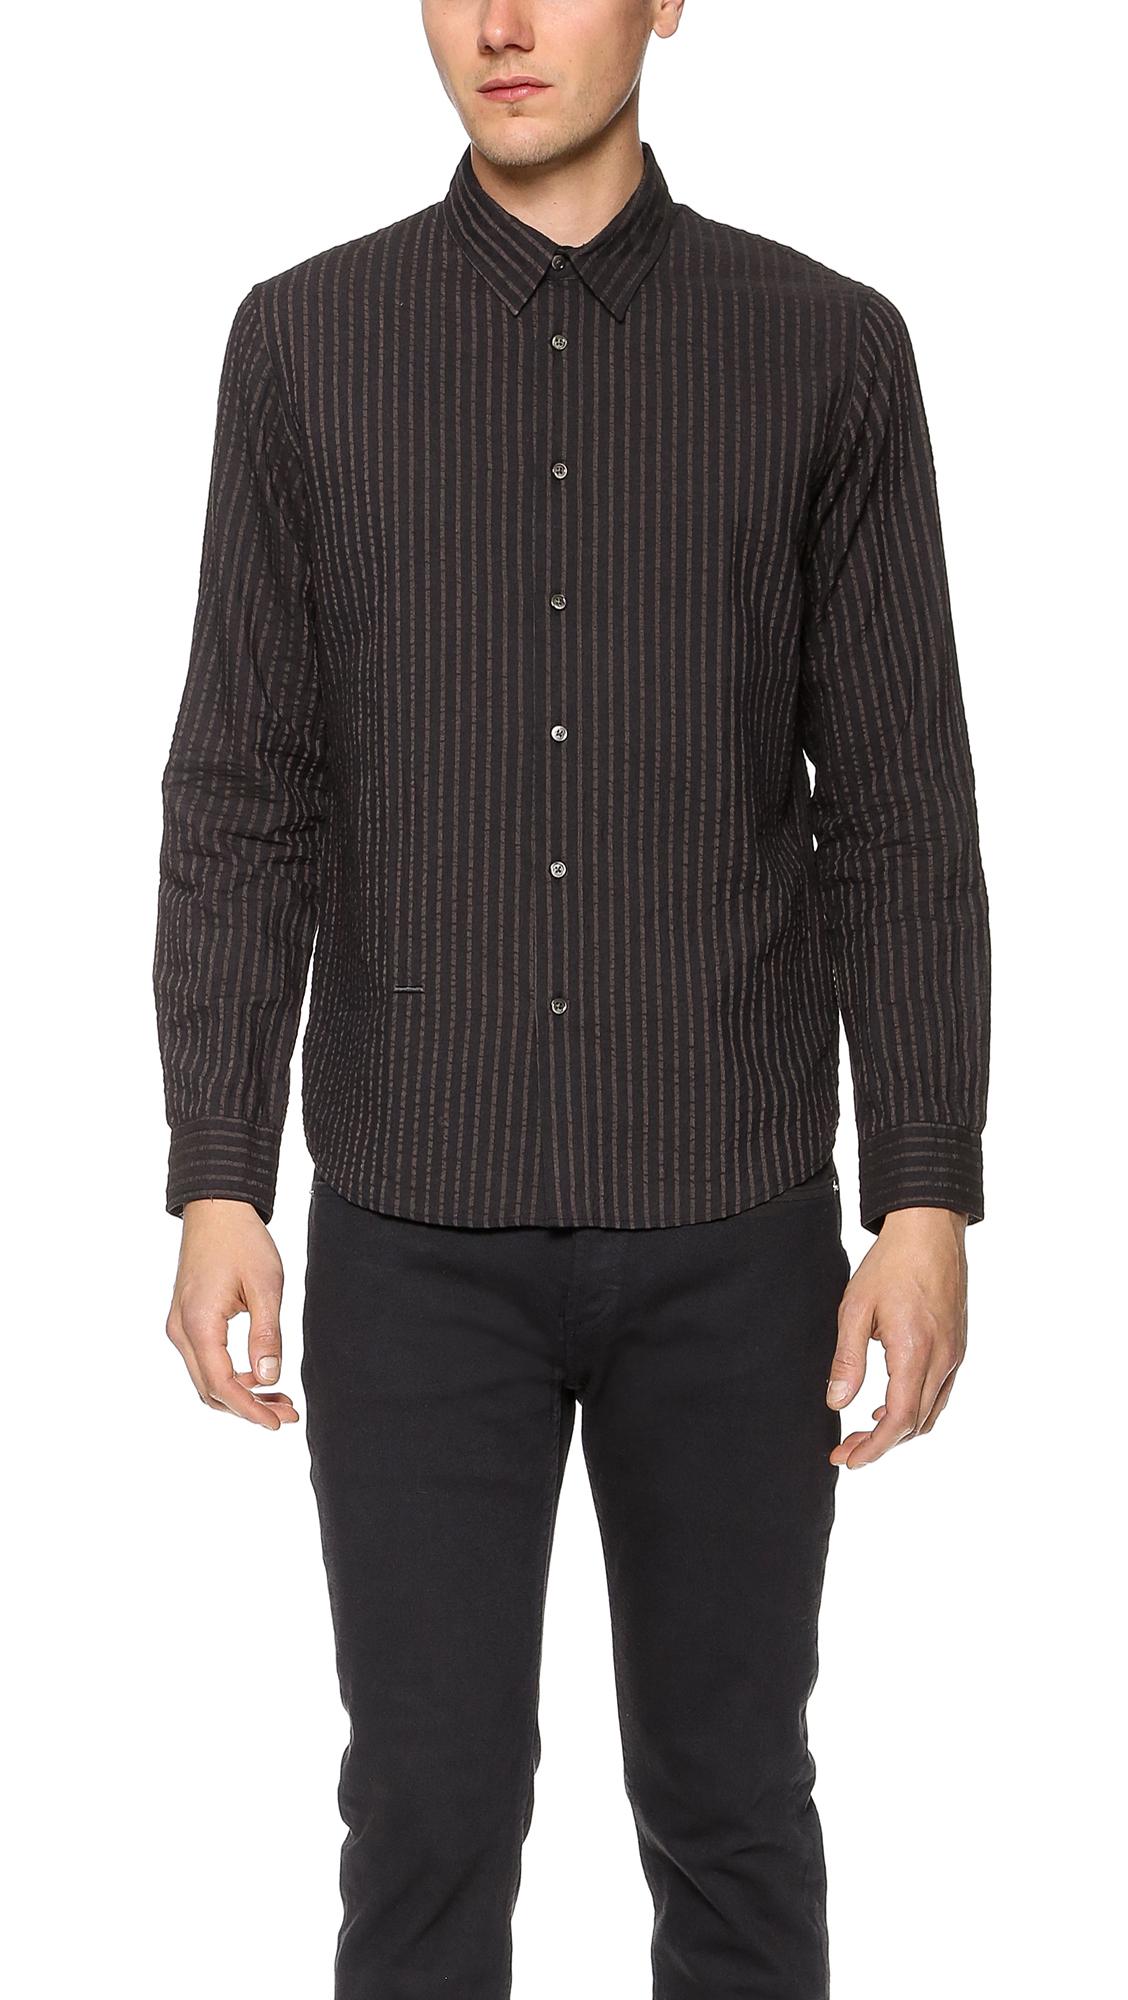 Robert Geller Striped Dress Shirt East Dane